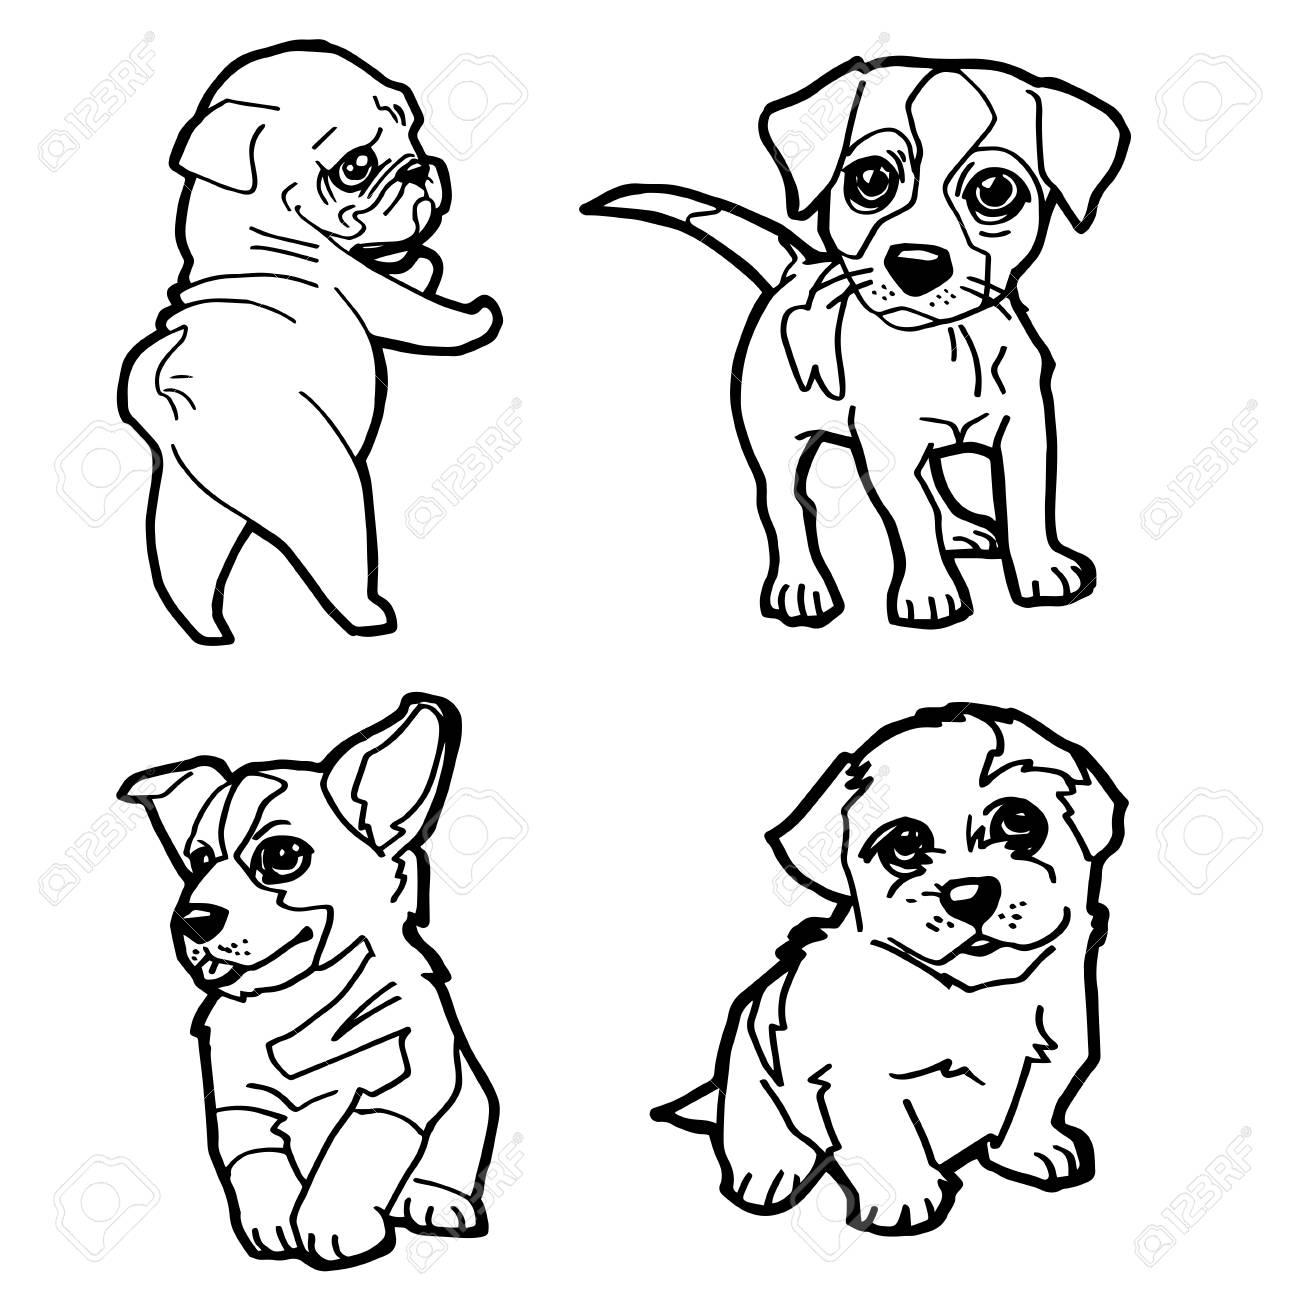 Conjunto De Dibujos Animados Lindo Perro Para Colorear Página